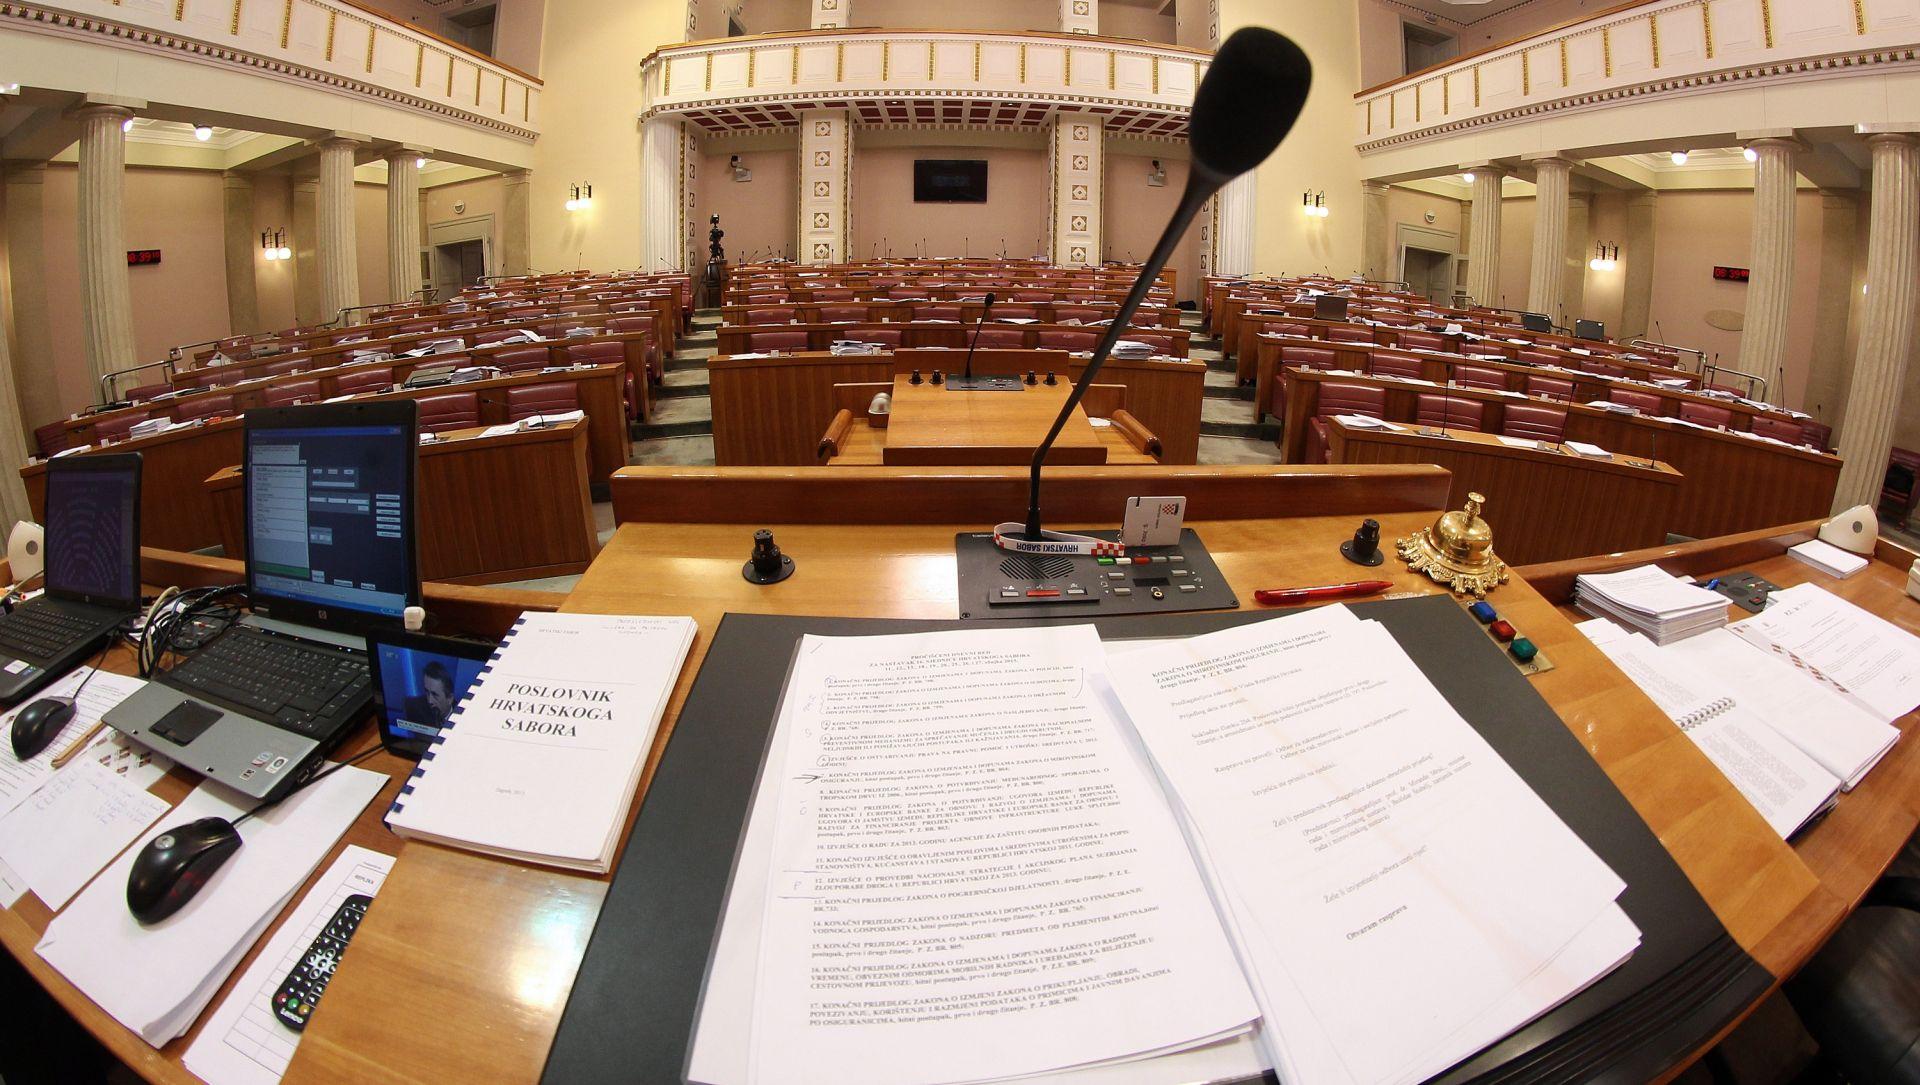 Predsjednica Republike sazvala prvu sjednicu 9. saziva Sabora za 14. listopada